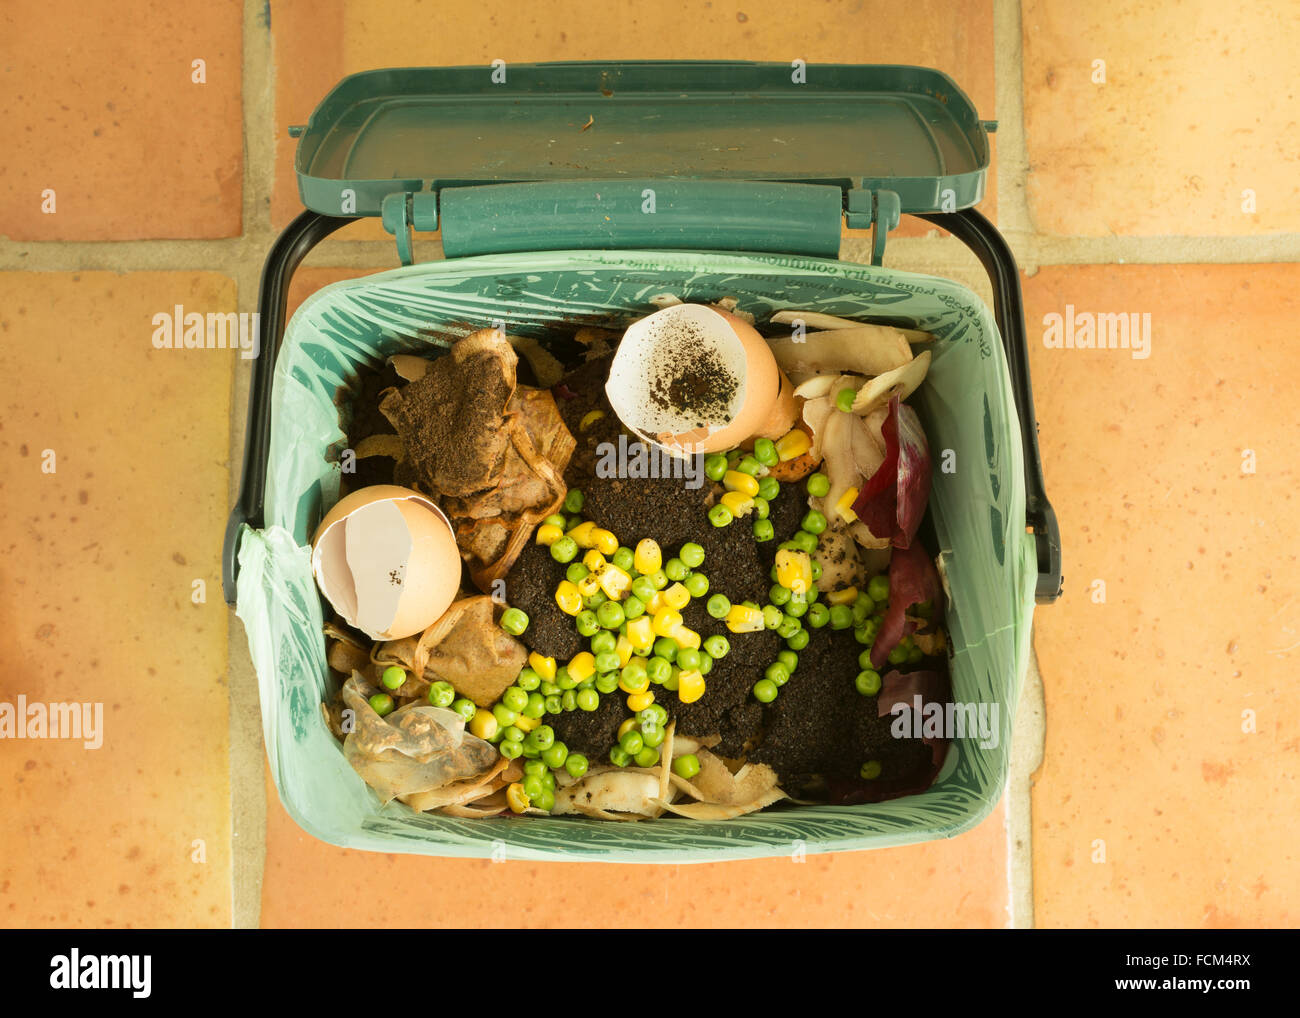 Les déchets alimentaires - recyclage alimentaire intérieure caddy plein de déchets de cuisine pour Photo Stock